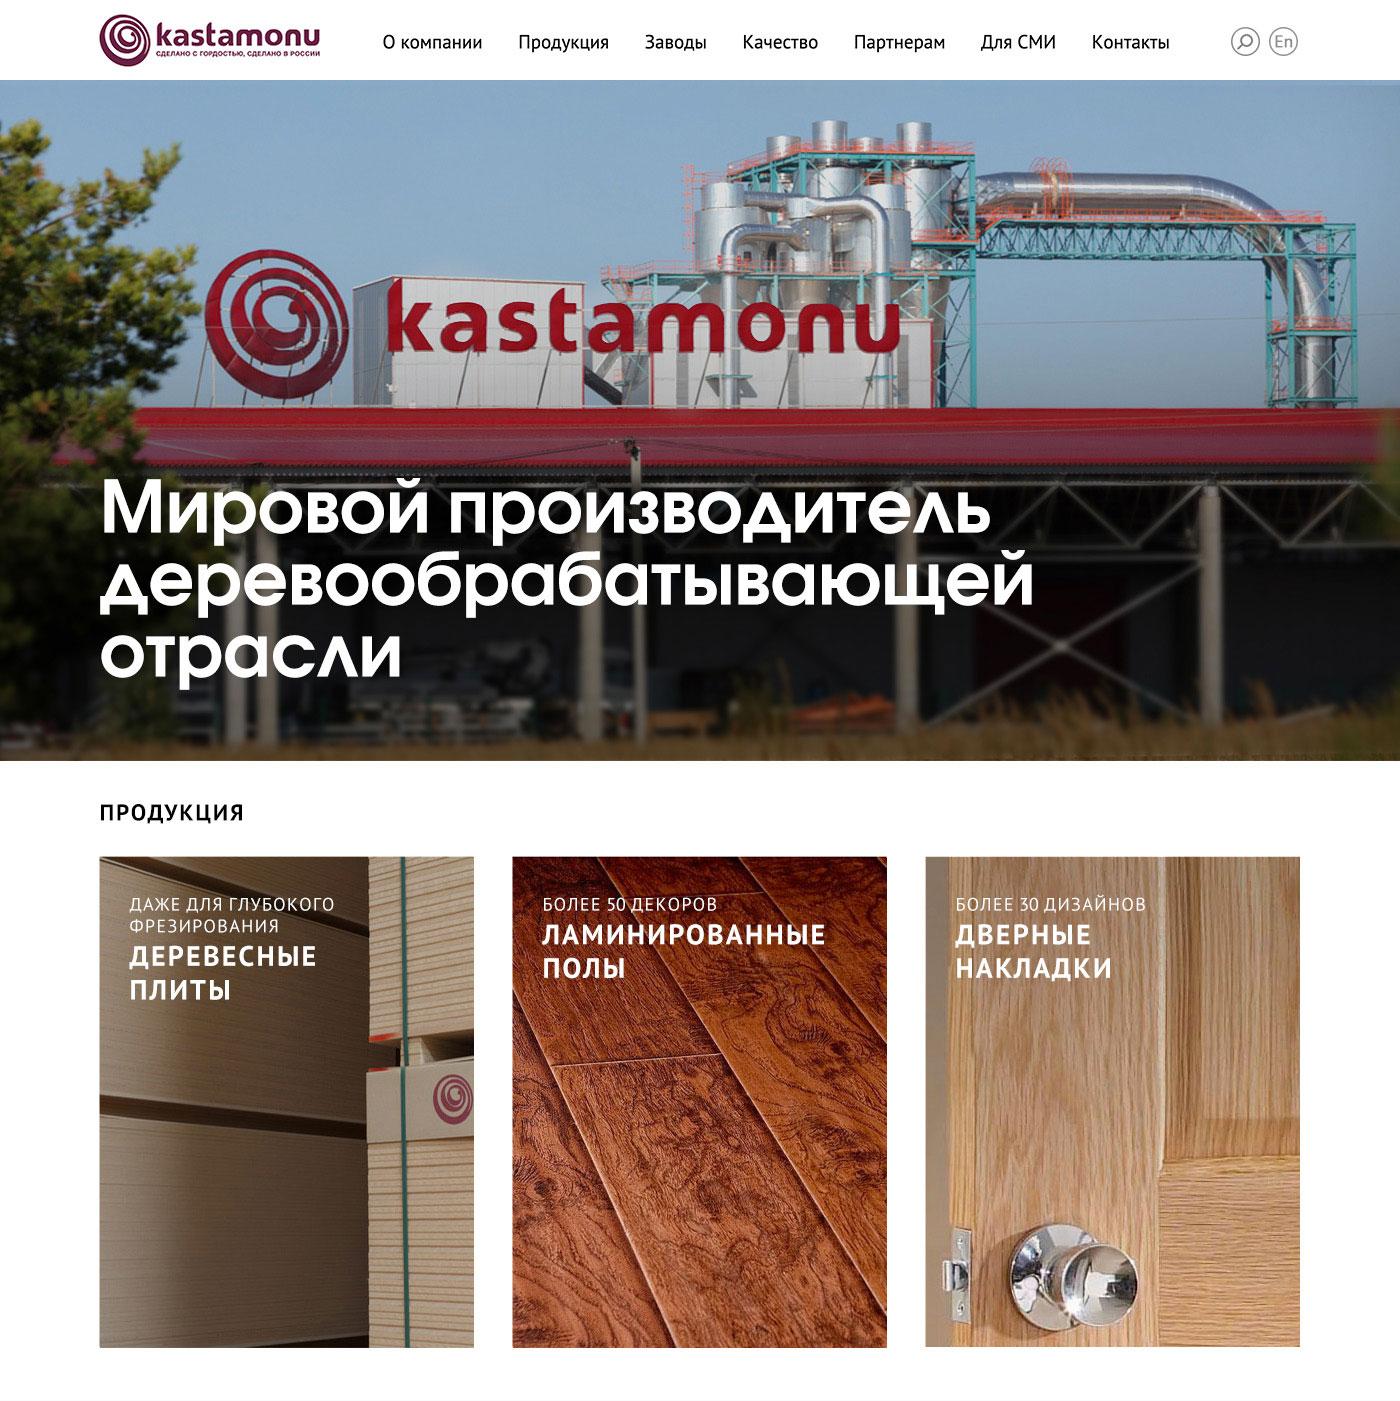 Kastamonu, website, Nikita Konkin